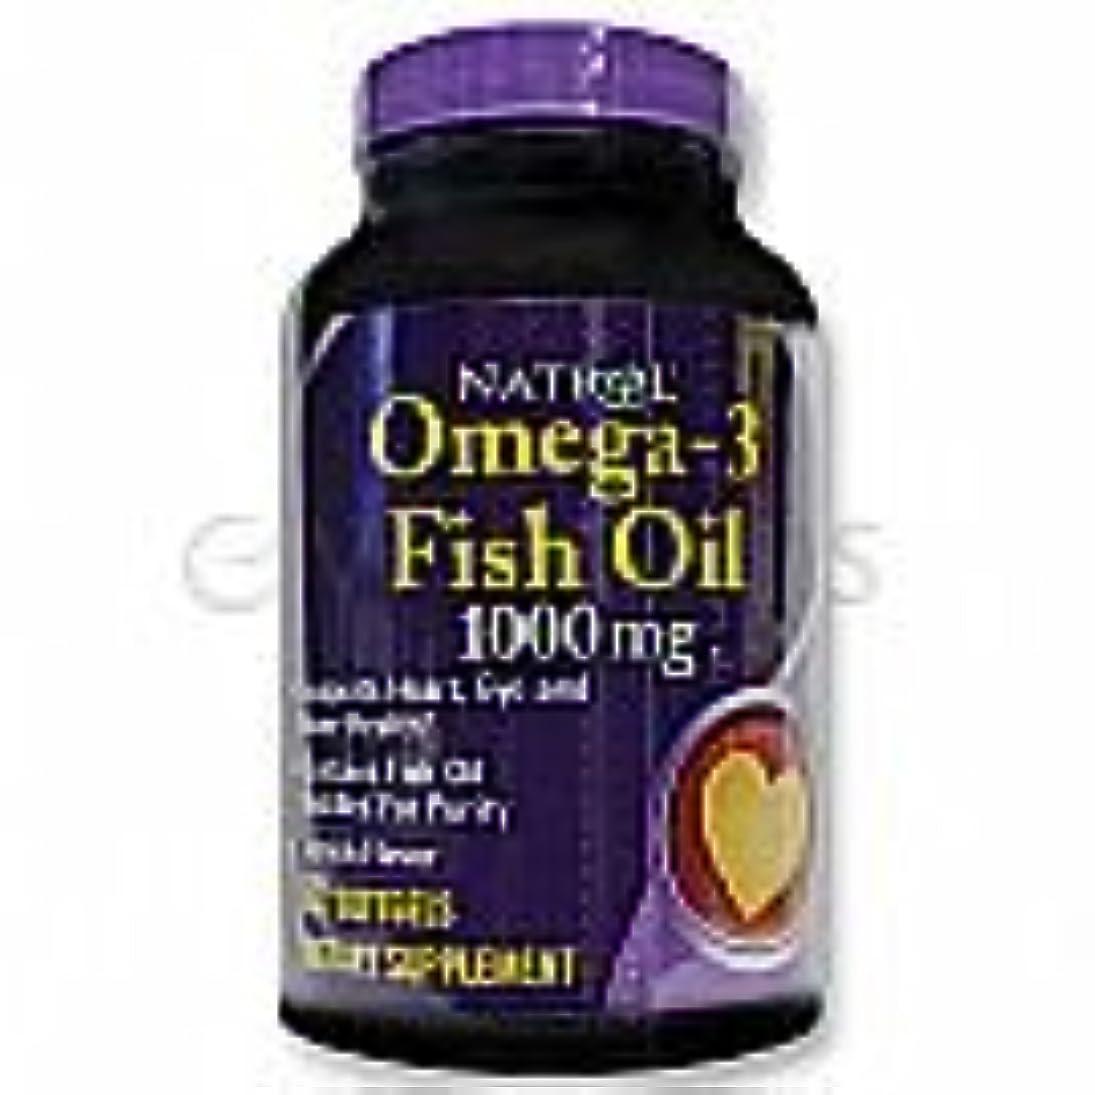 誇りに思う捕虜漁師Natrol Omega-3 Fish Oil 1,000 mg 60 Softgels Lemon [並行輸入品]